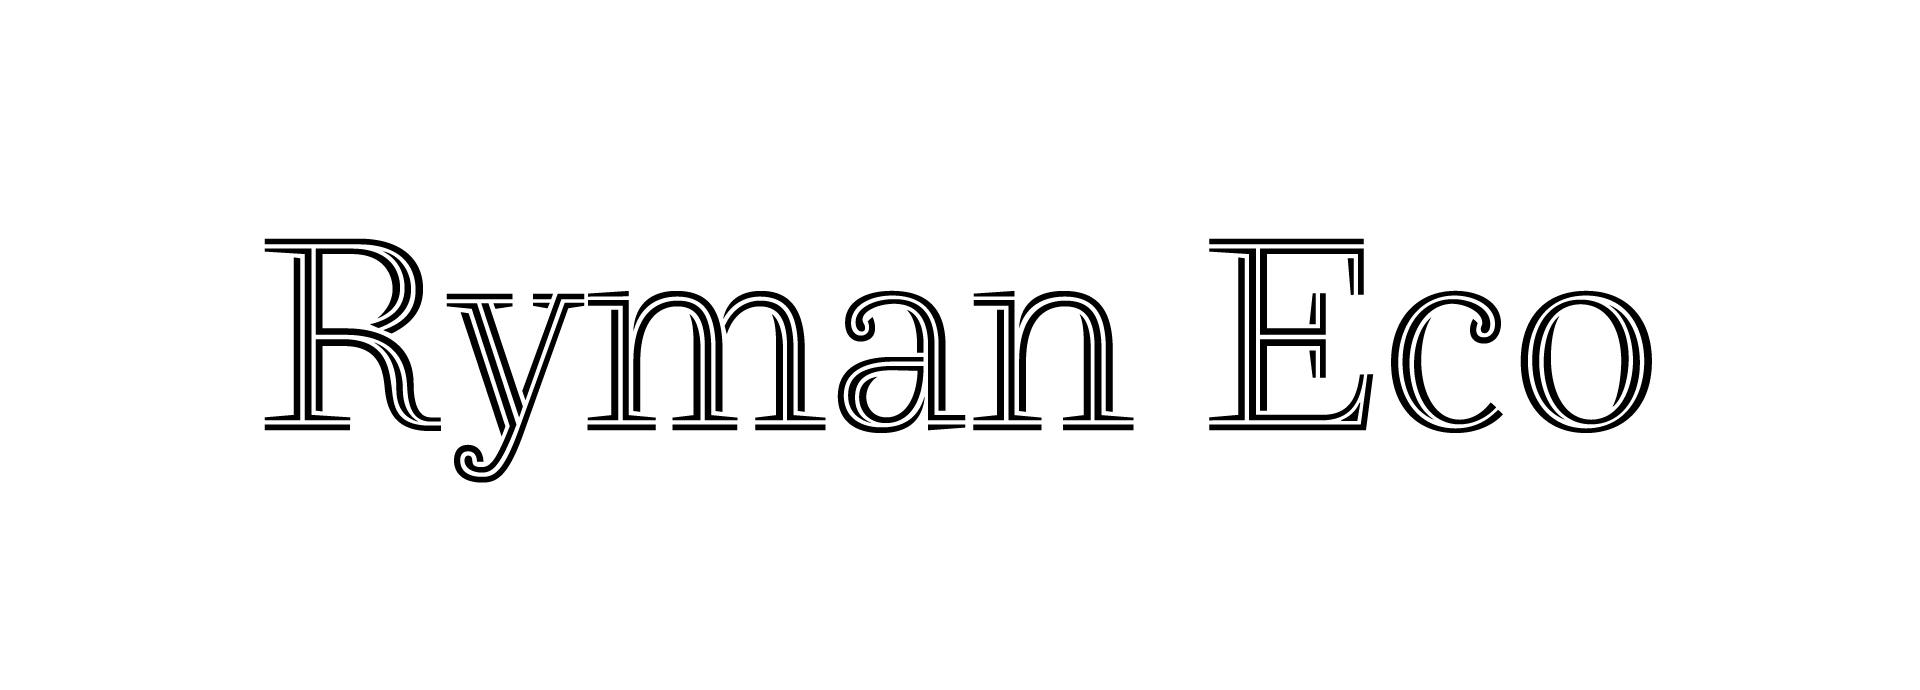 éco typographie